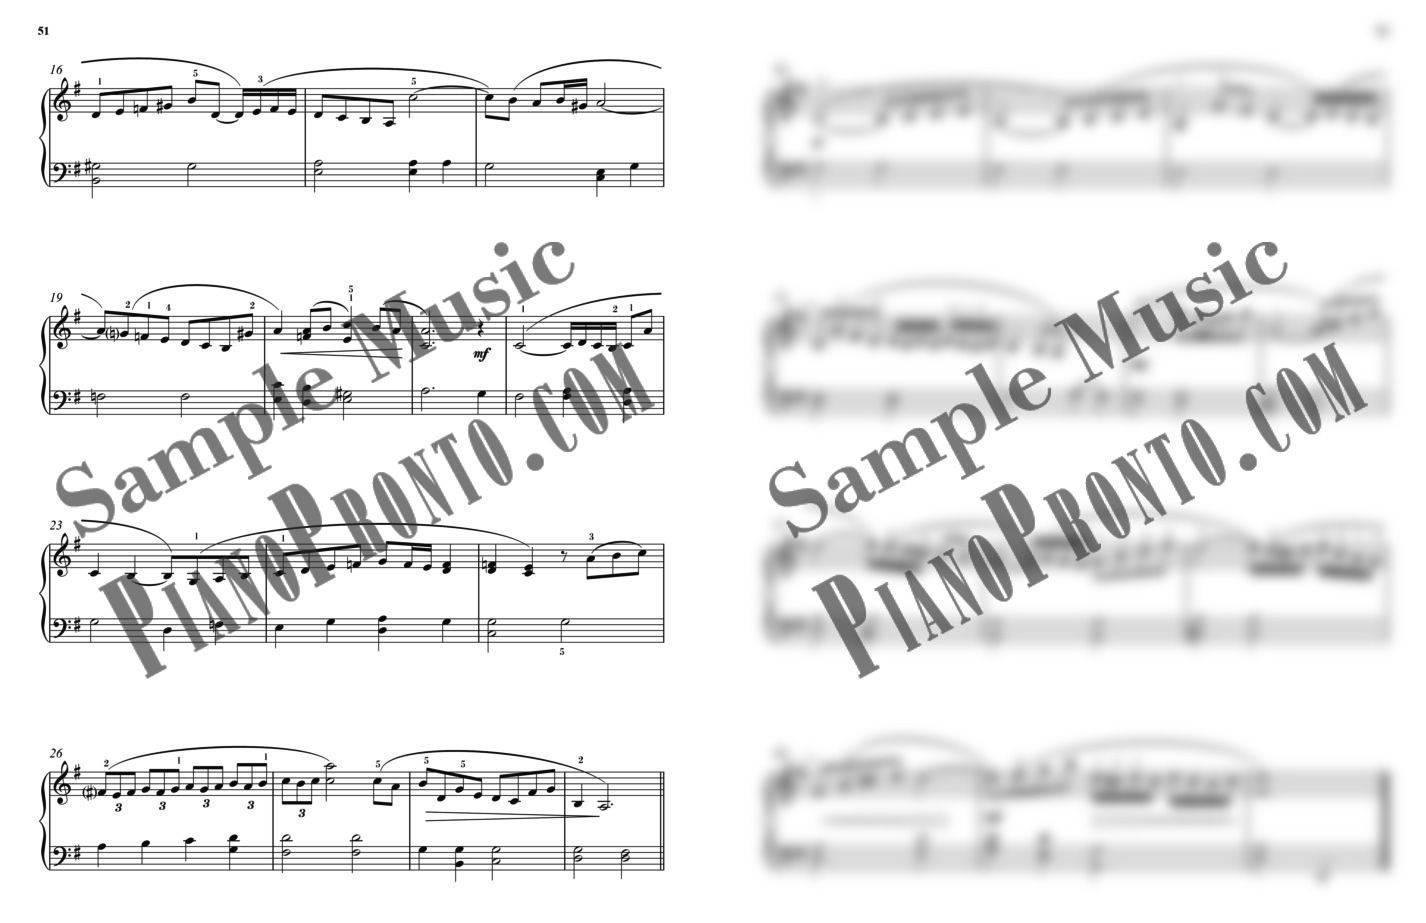 Piano Pronto®: Finale